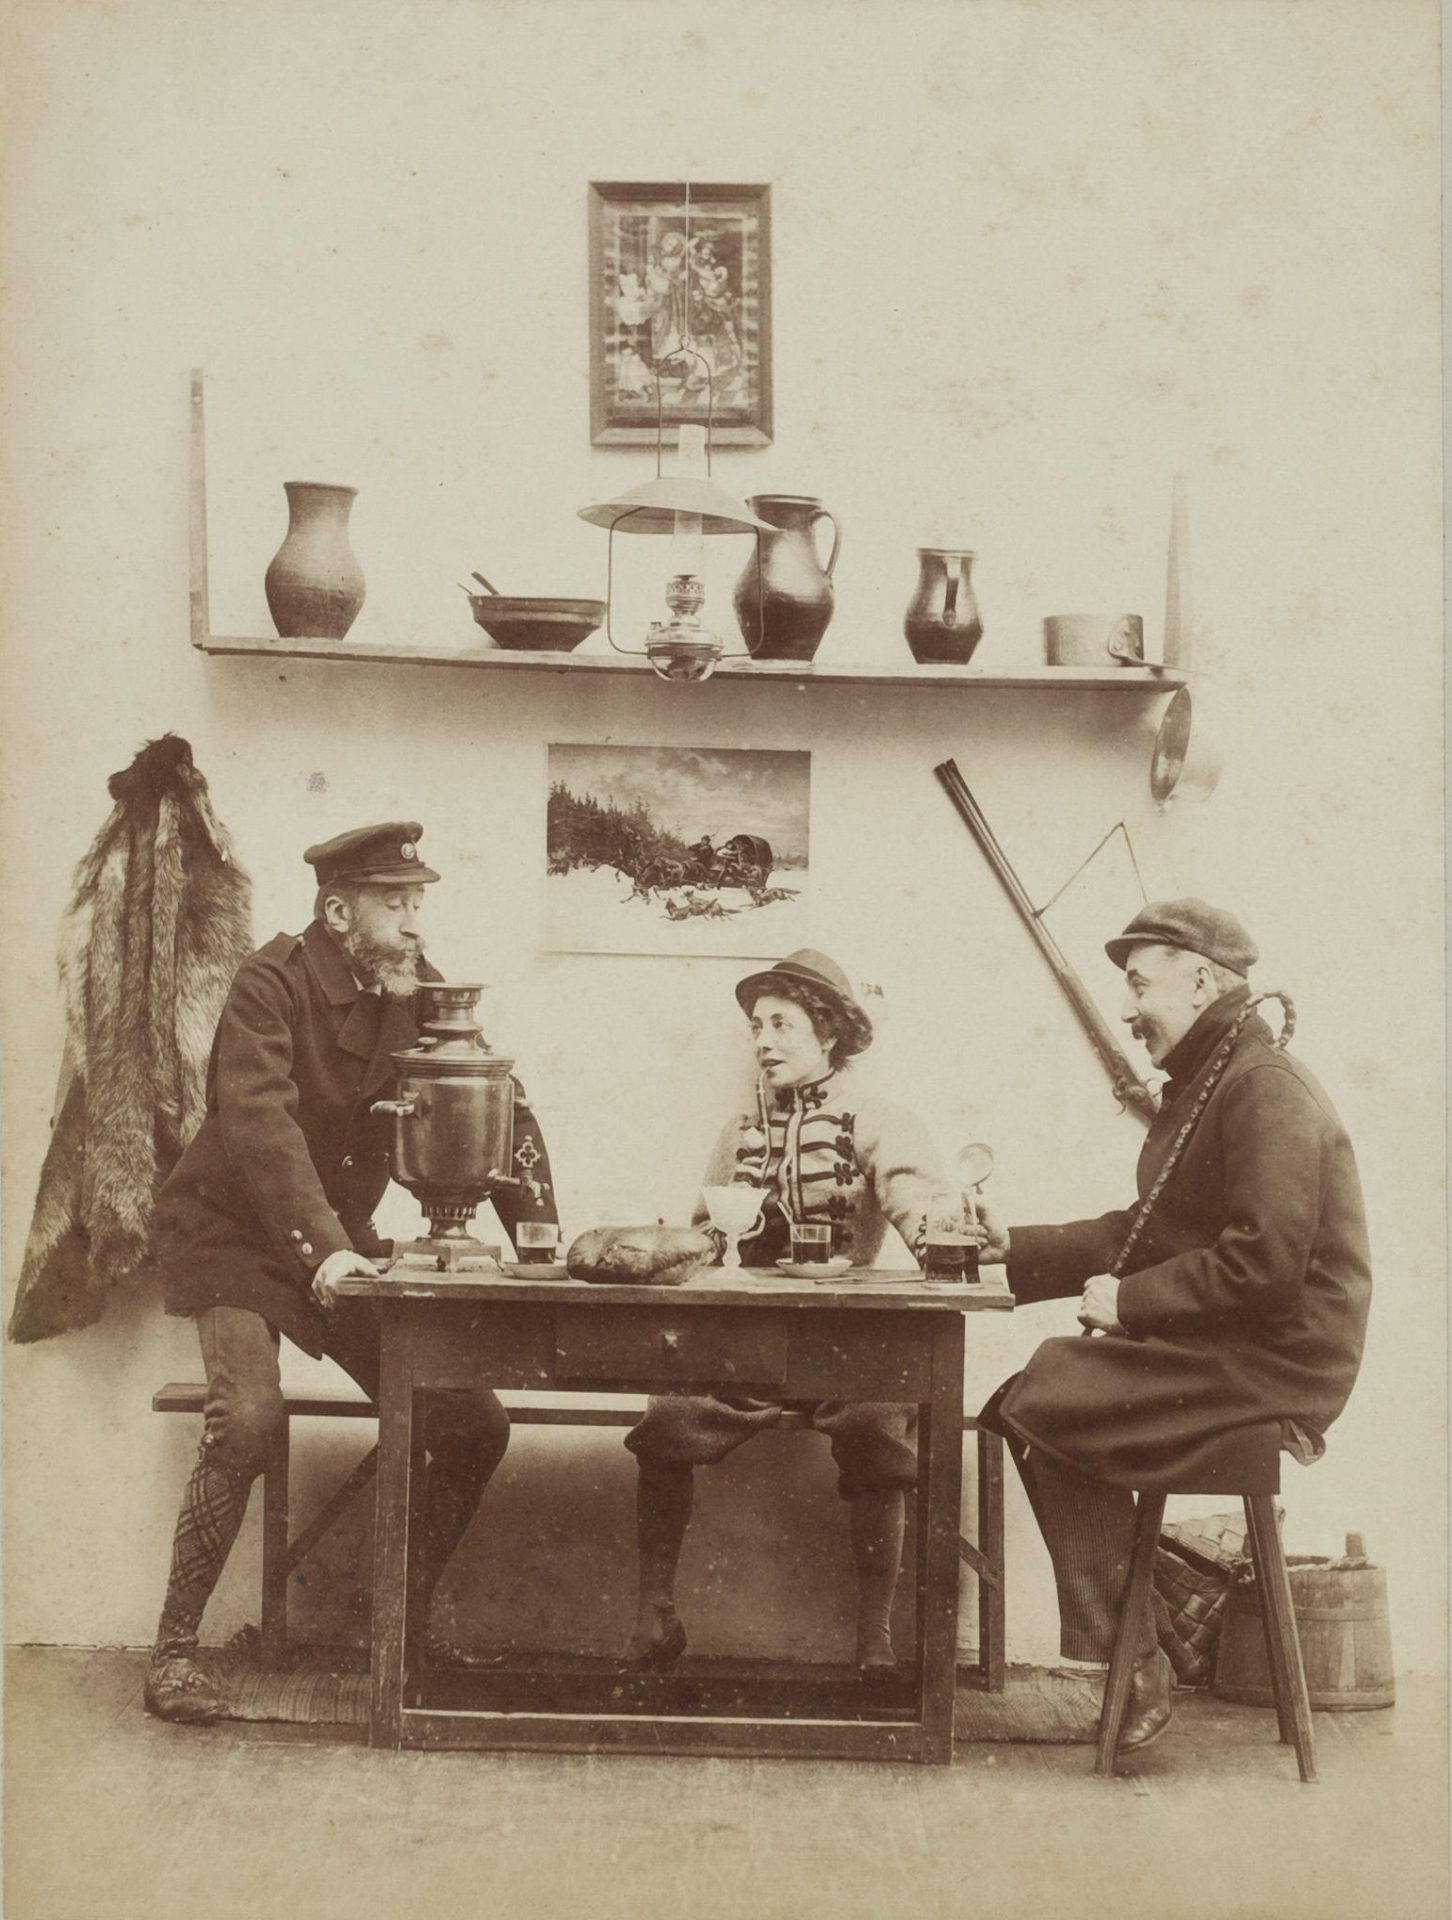 """Benediktas Henrikas Tiškevičius. """"Samovaro velnias"""". Viala, 1897 m. rugsėjis. Petraičių šeimos archyvo nuotrauka"""